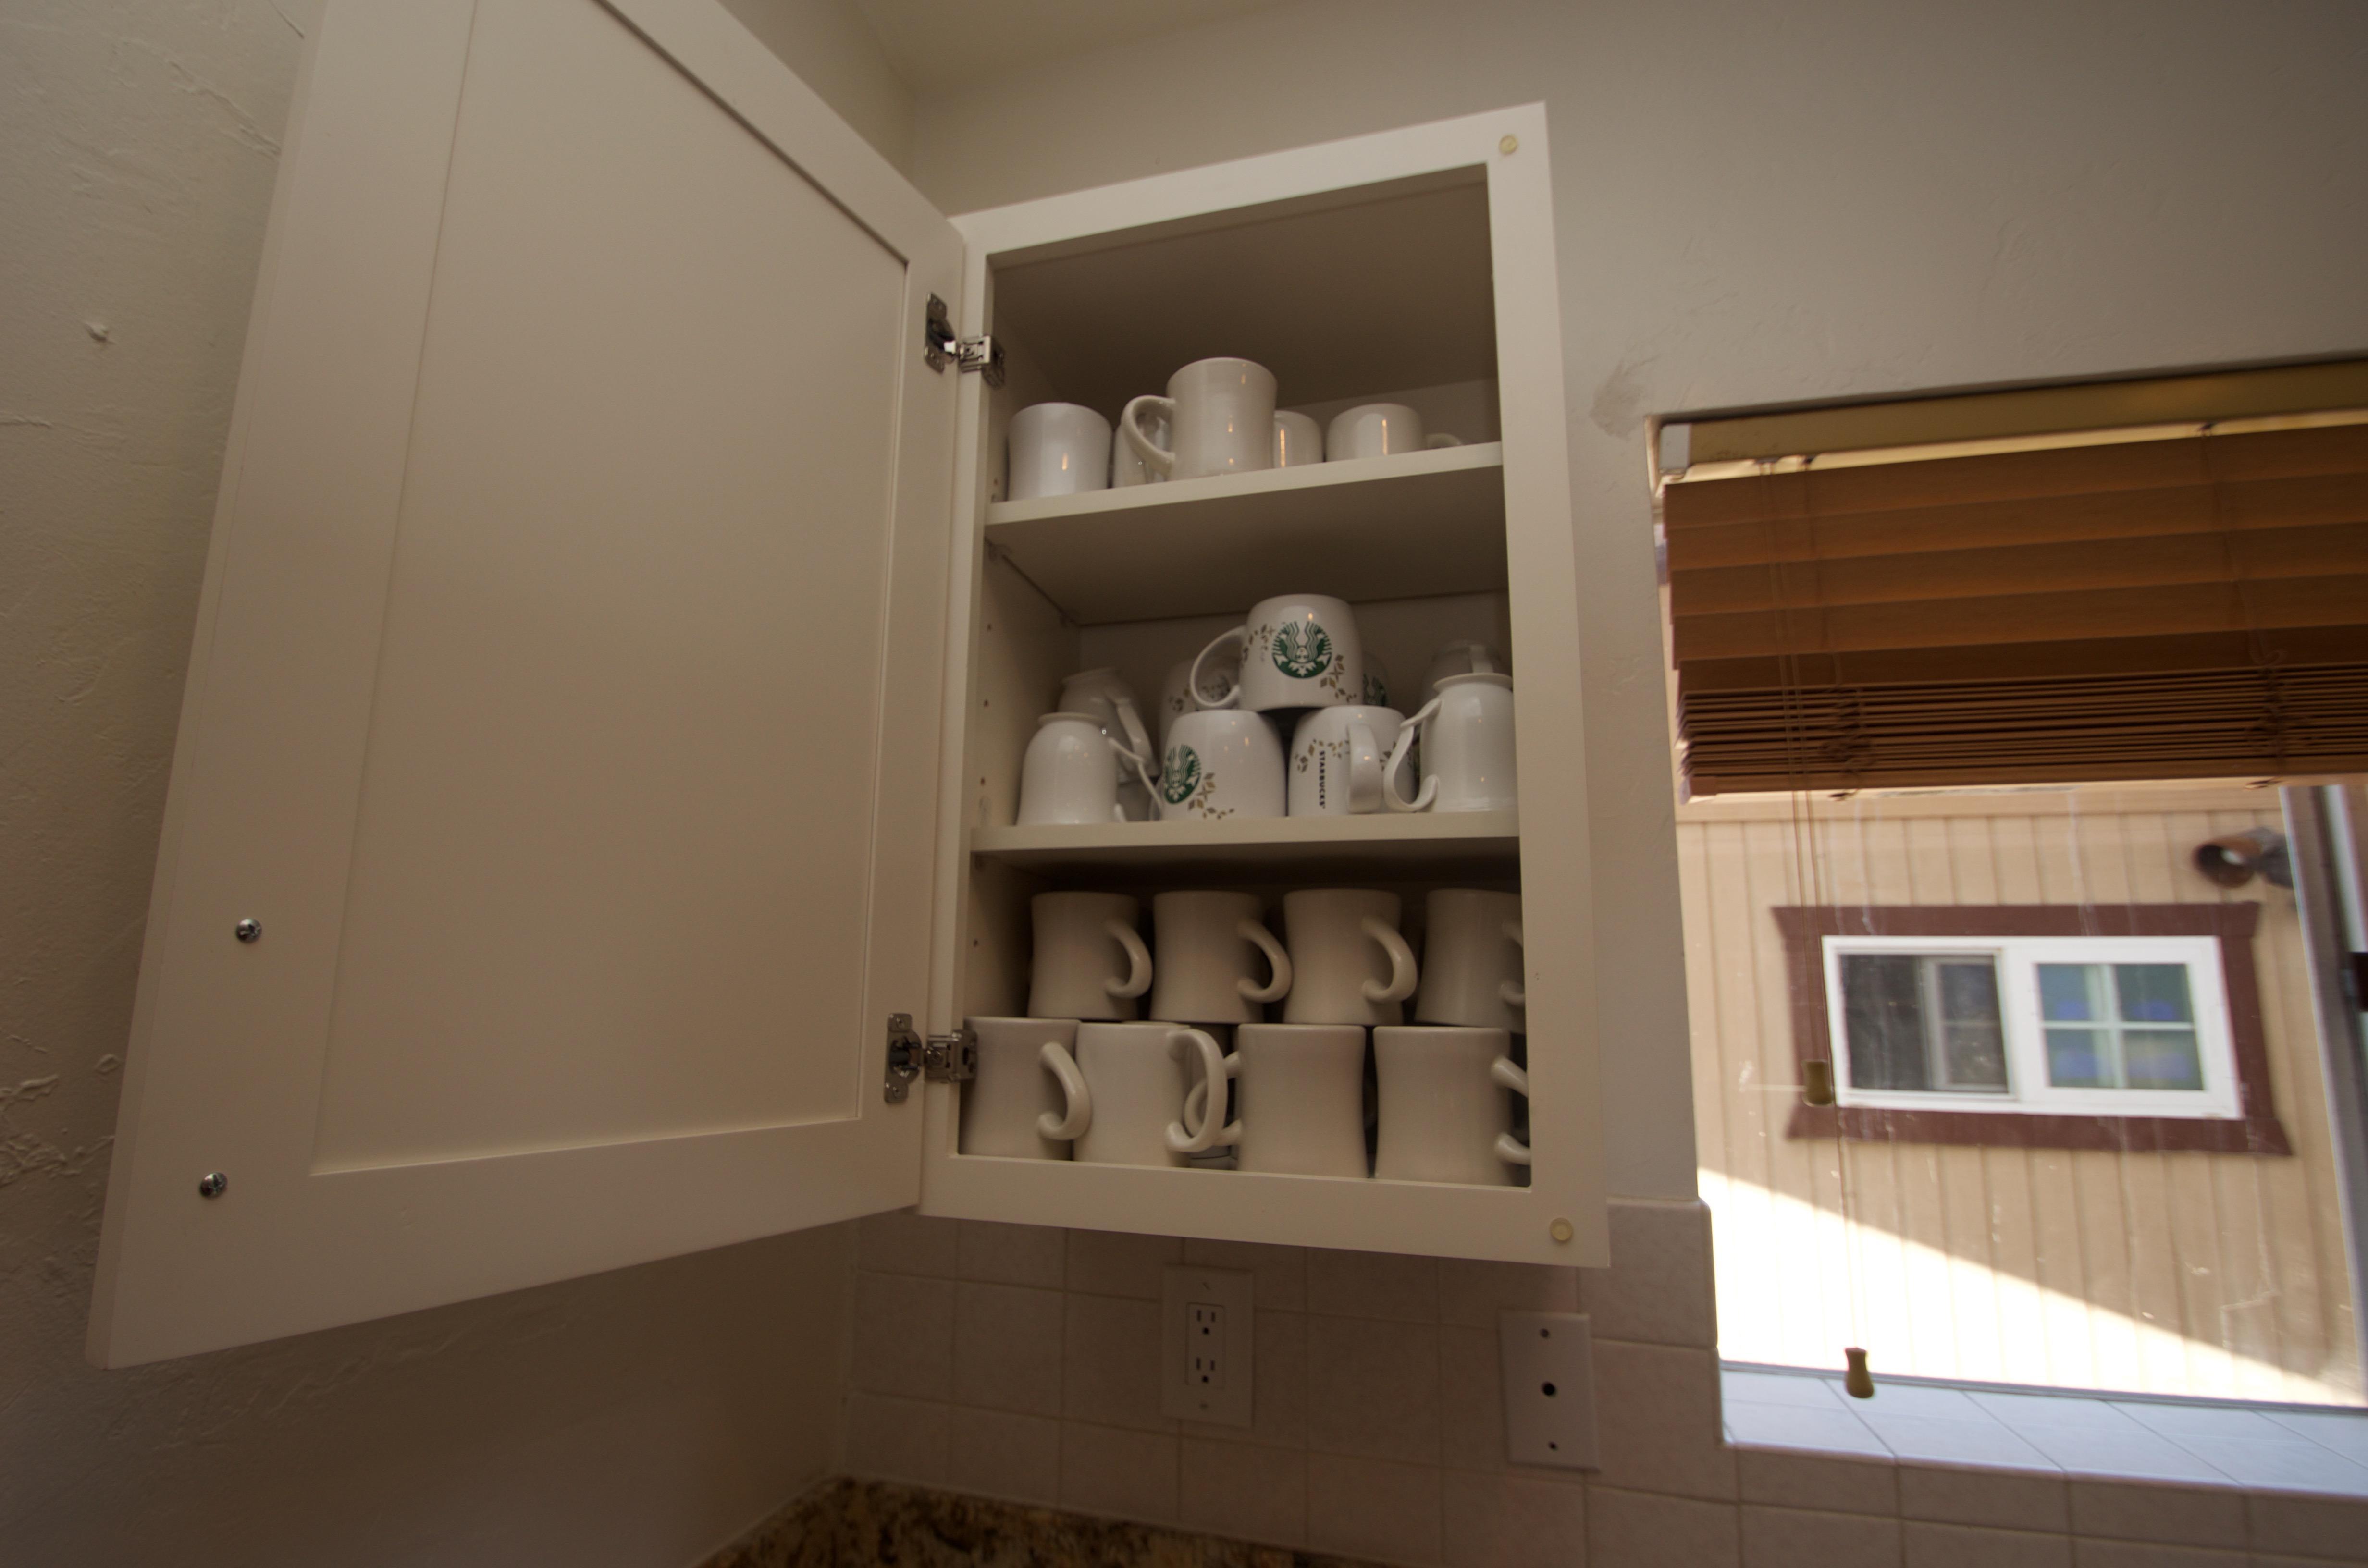 Lots of coffee mugs